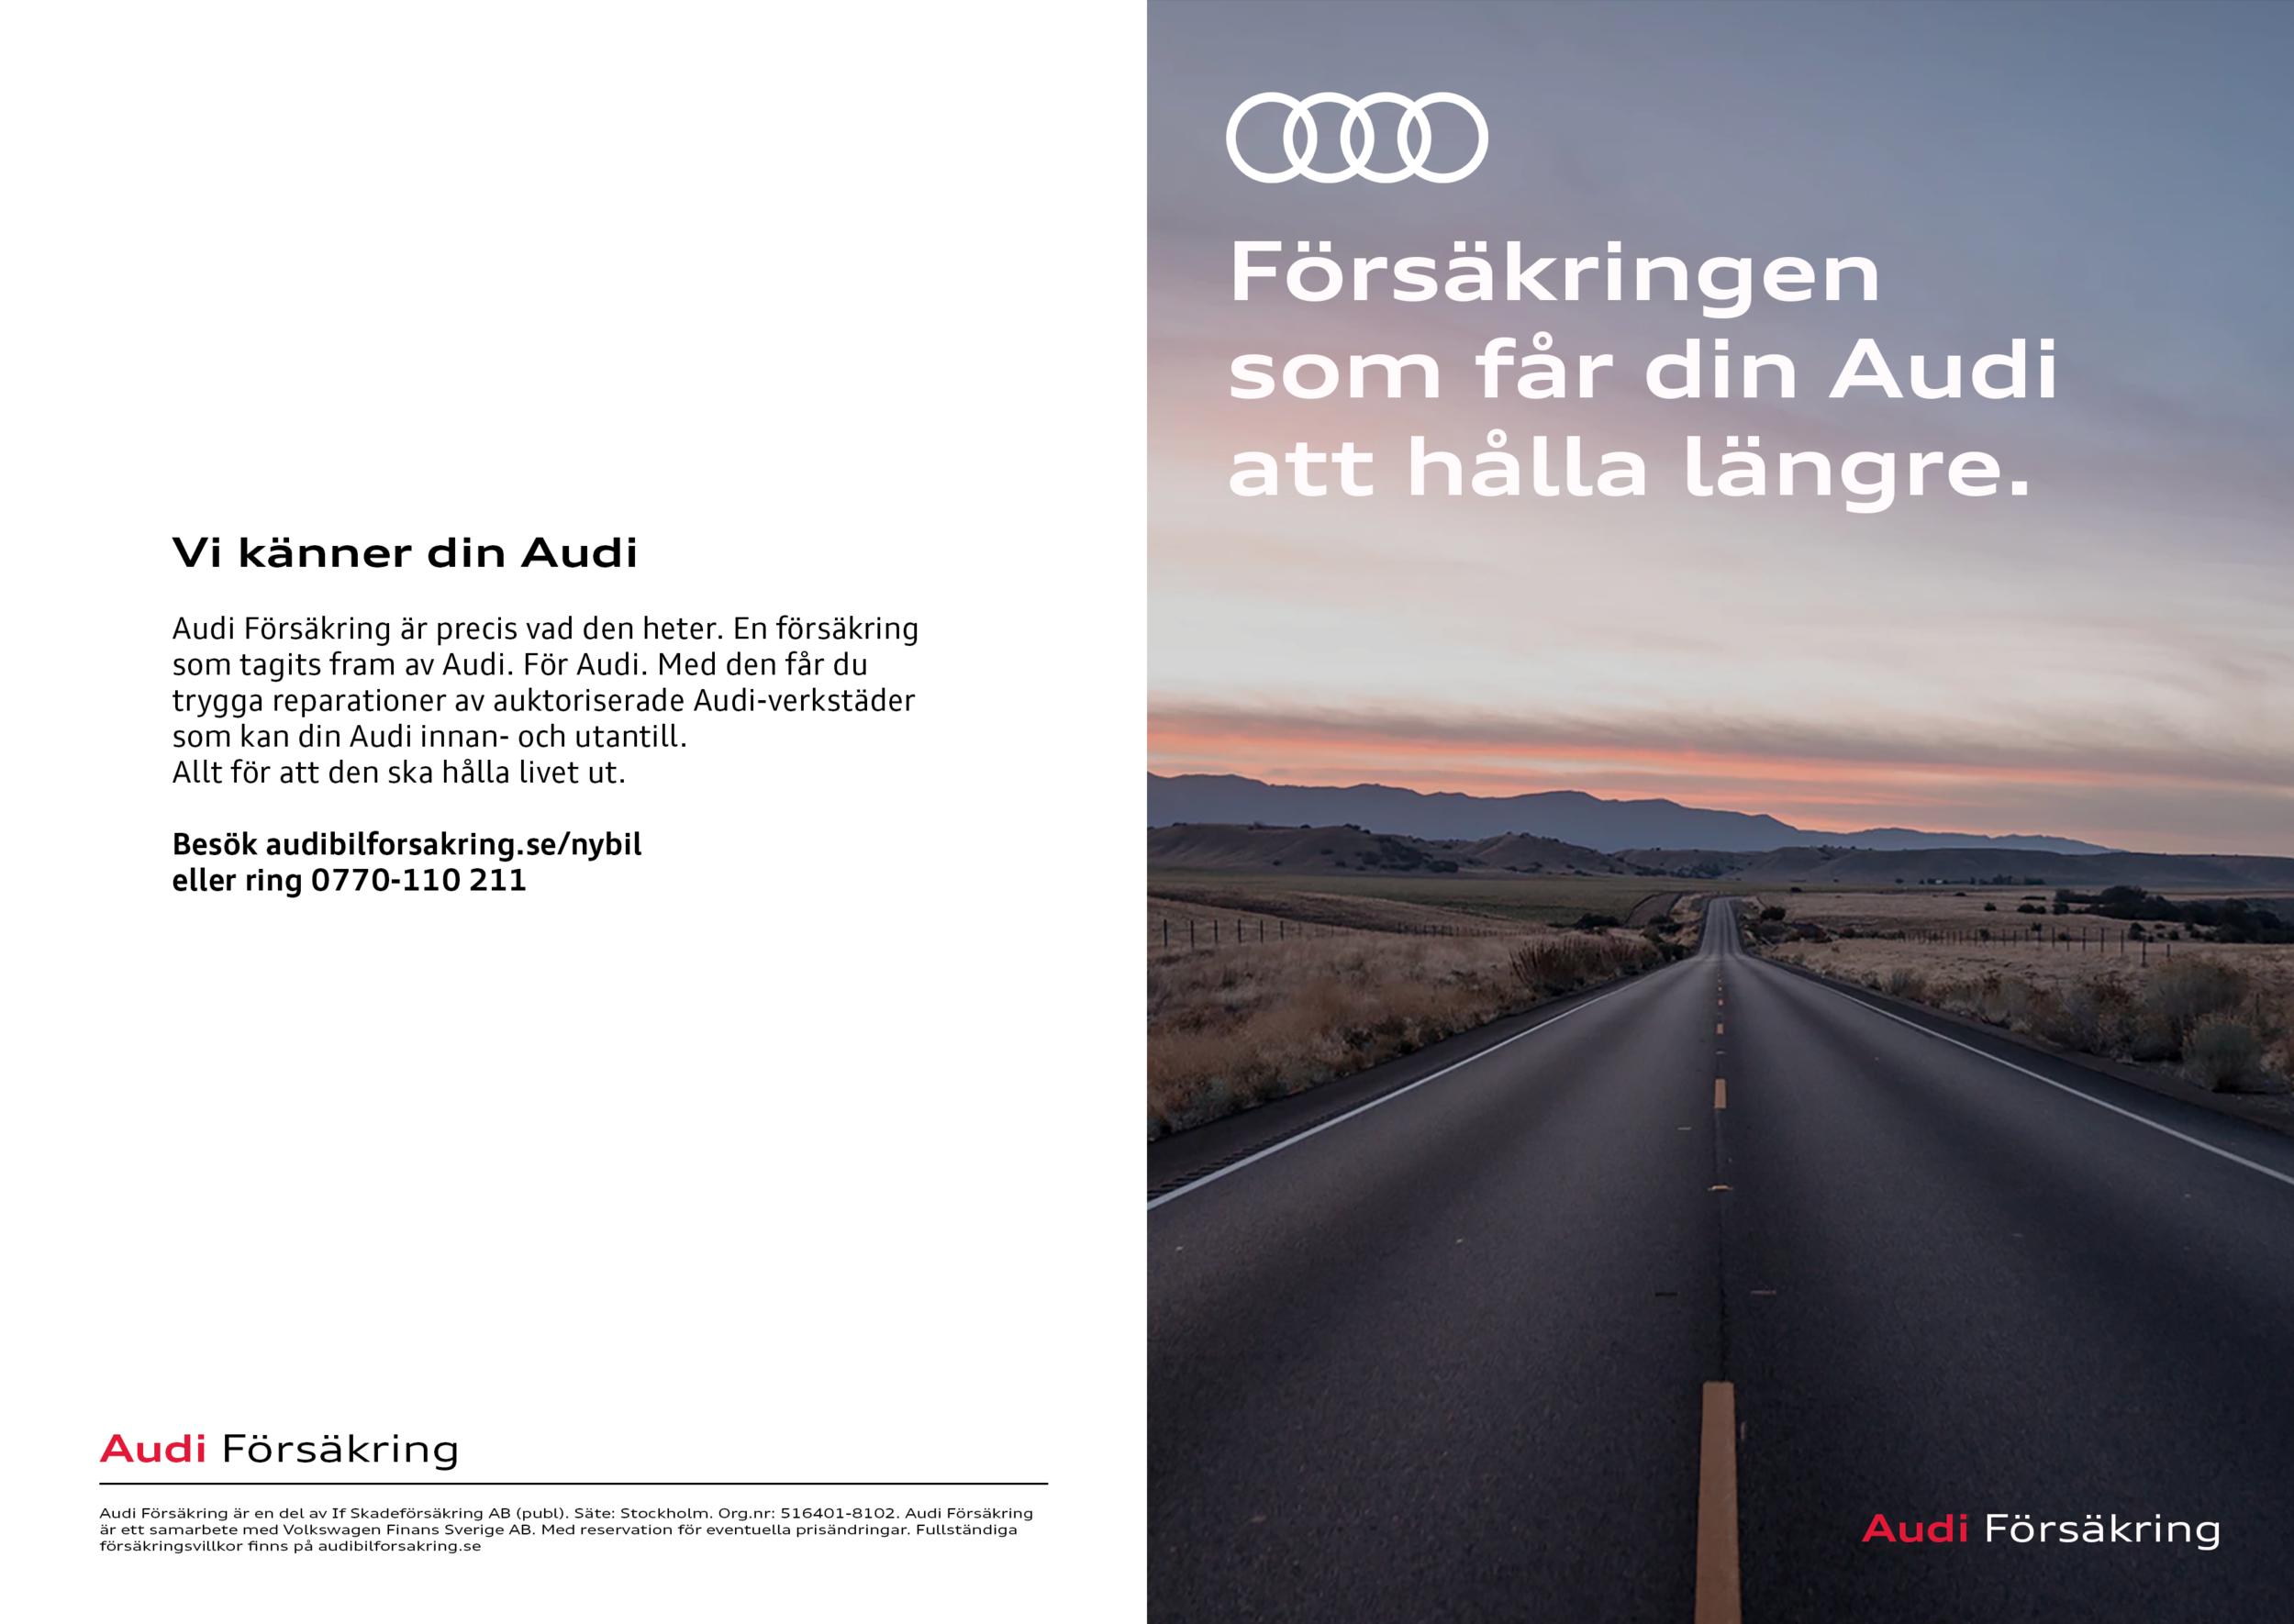 Audi_Försäkring_Broschyr.png